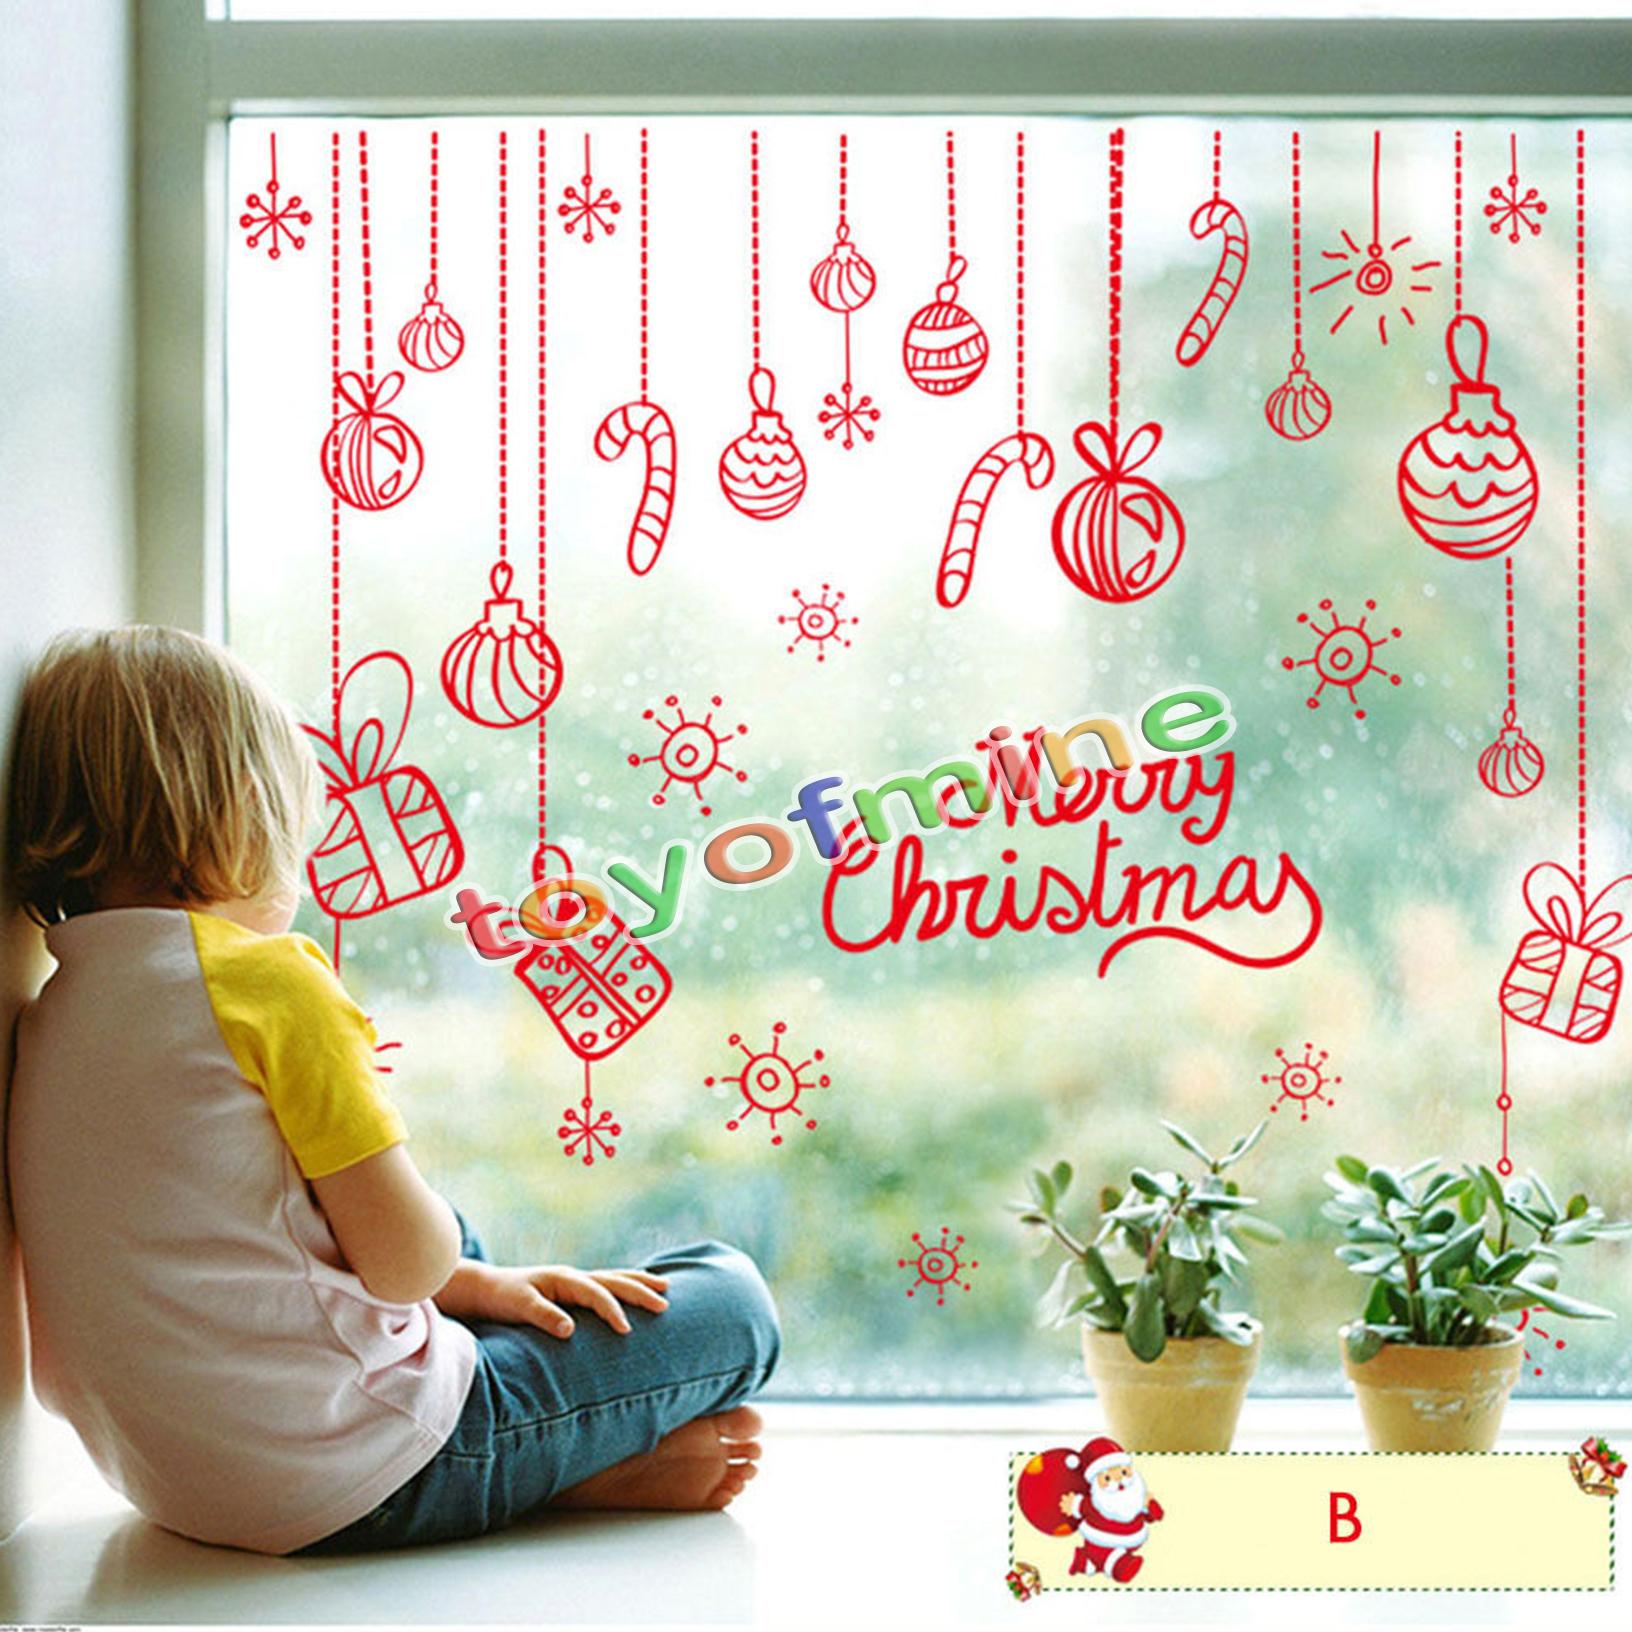 Christmas sleigh wall decoration : Christmas santa sleigh reindeer snowflake wall decals